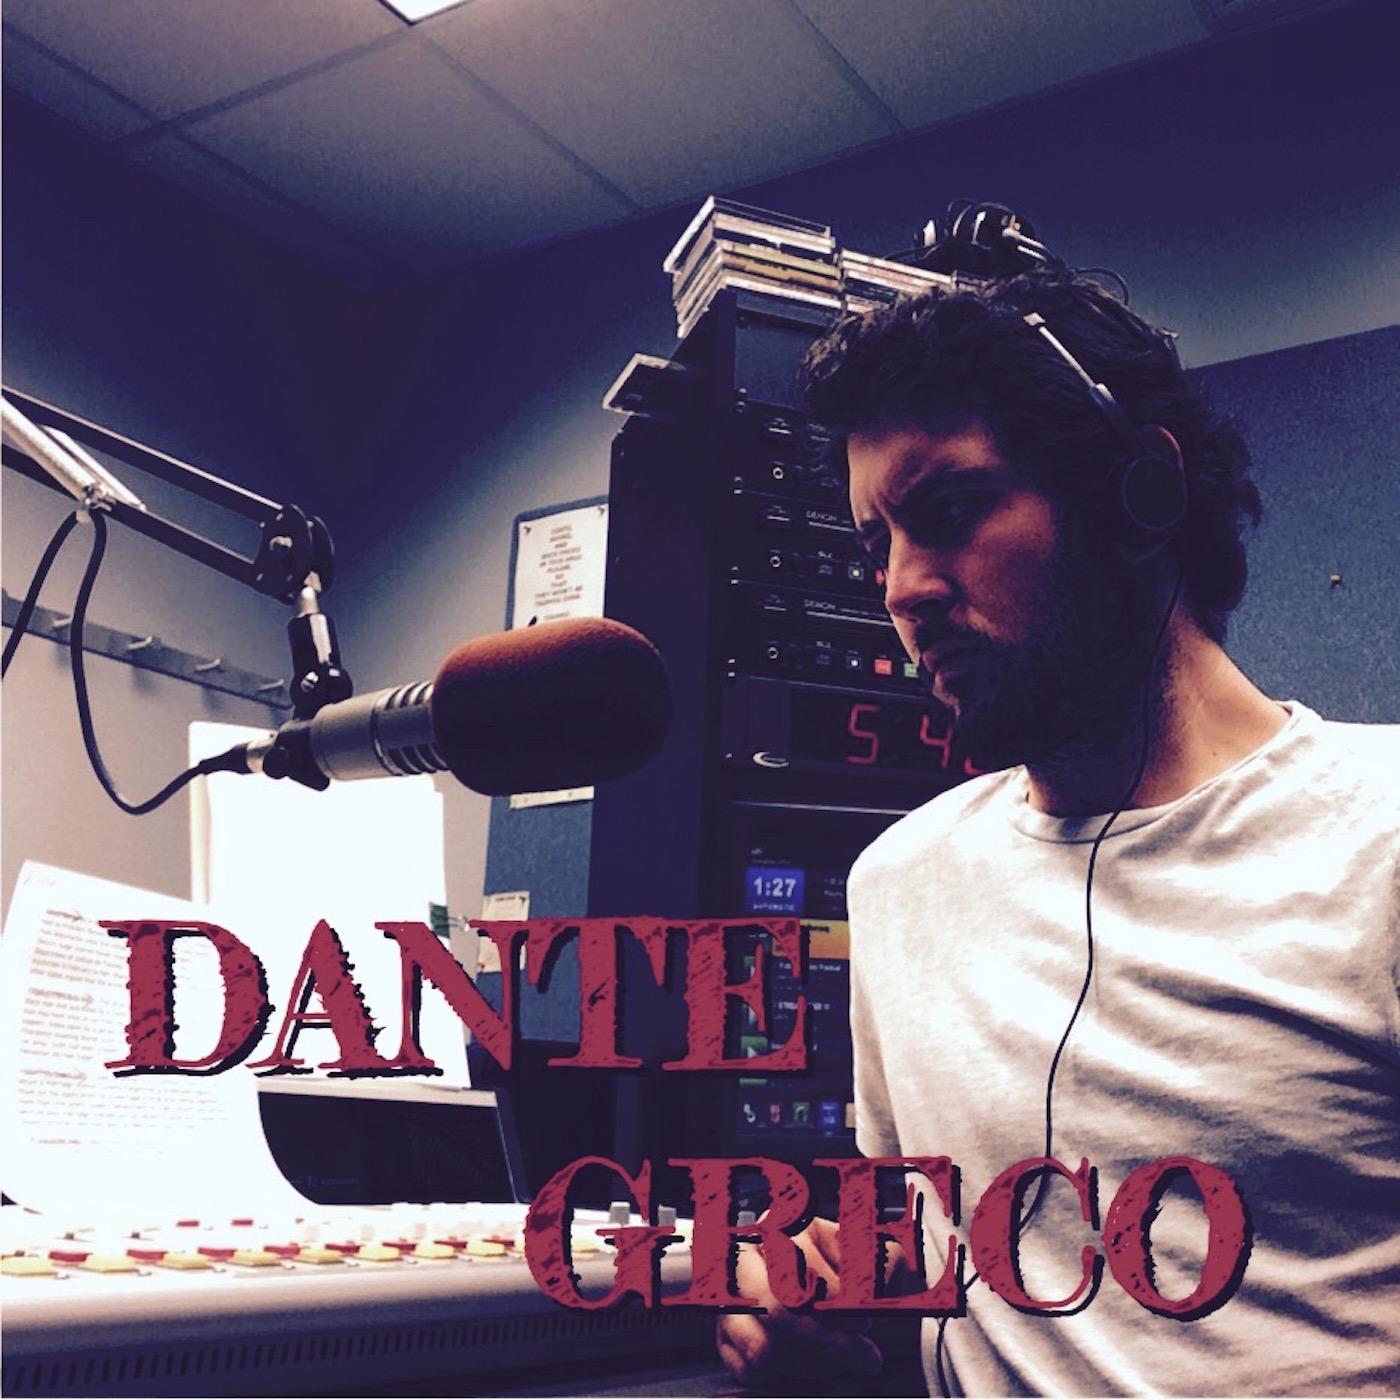 Dante Greco